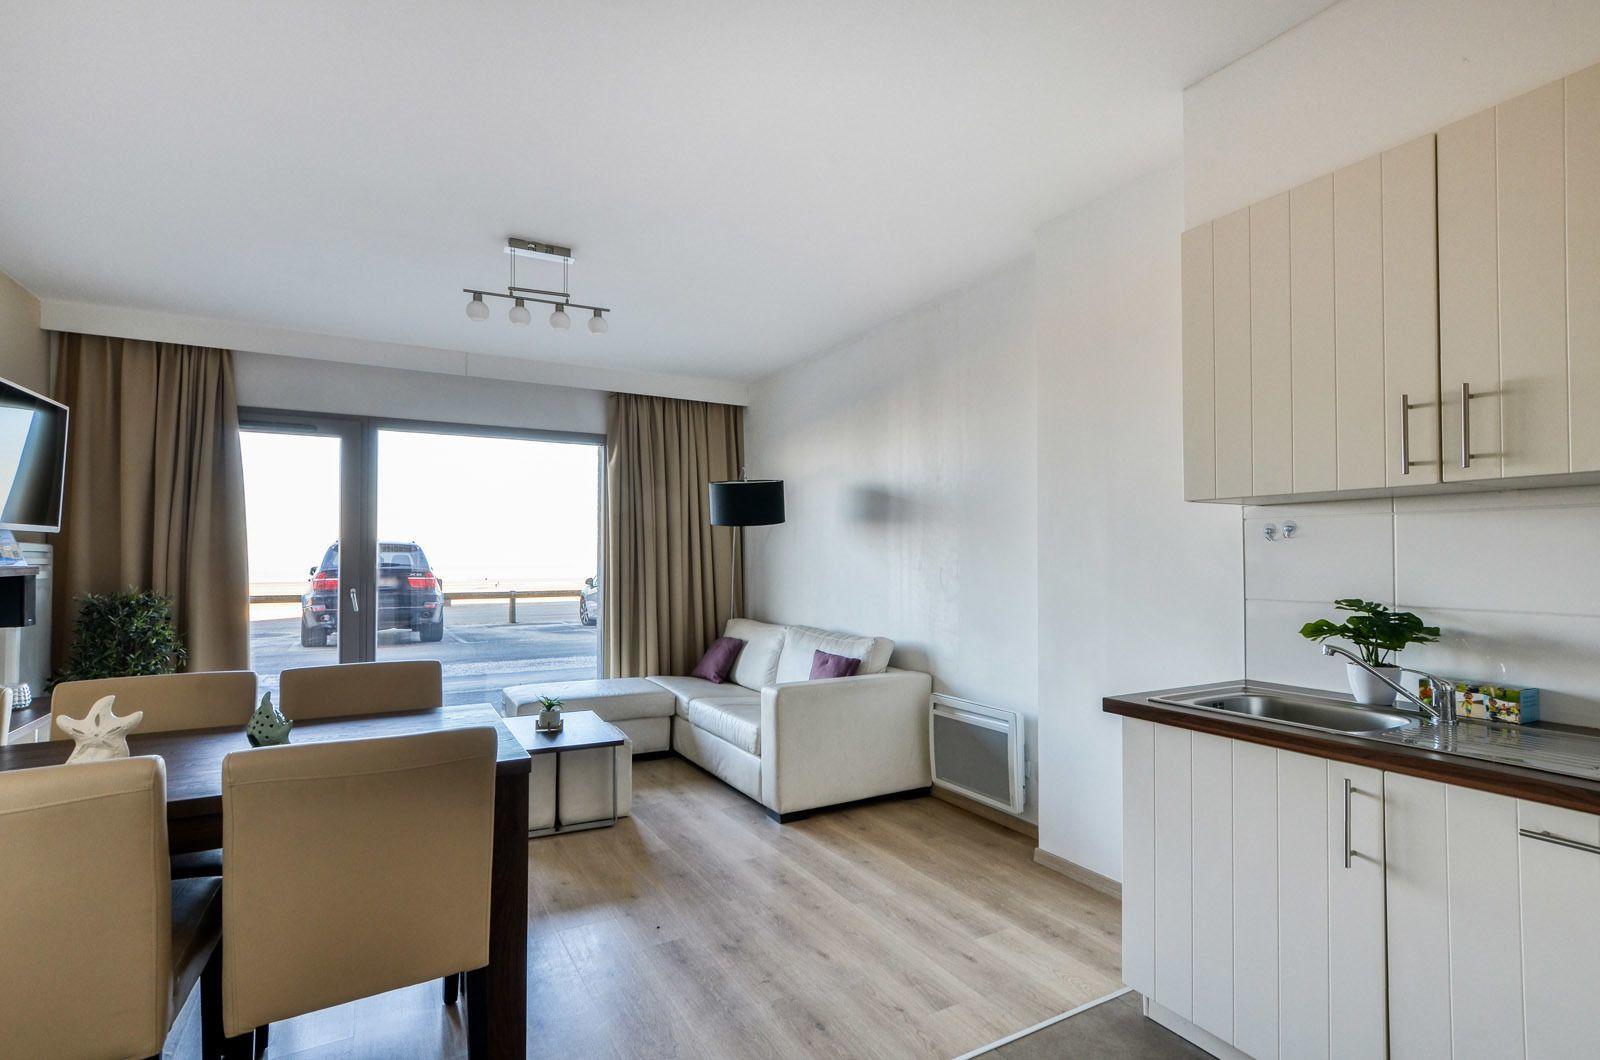 Holiday Suite pour 6 personnes au rez-de-chaussée vue directe sur mer